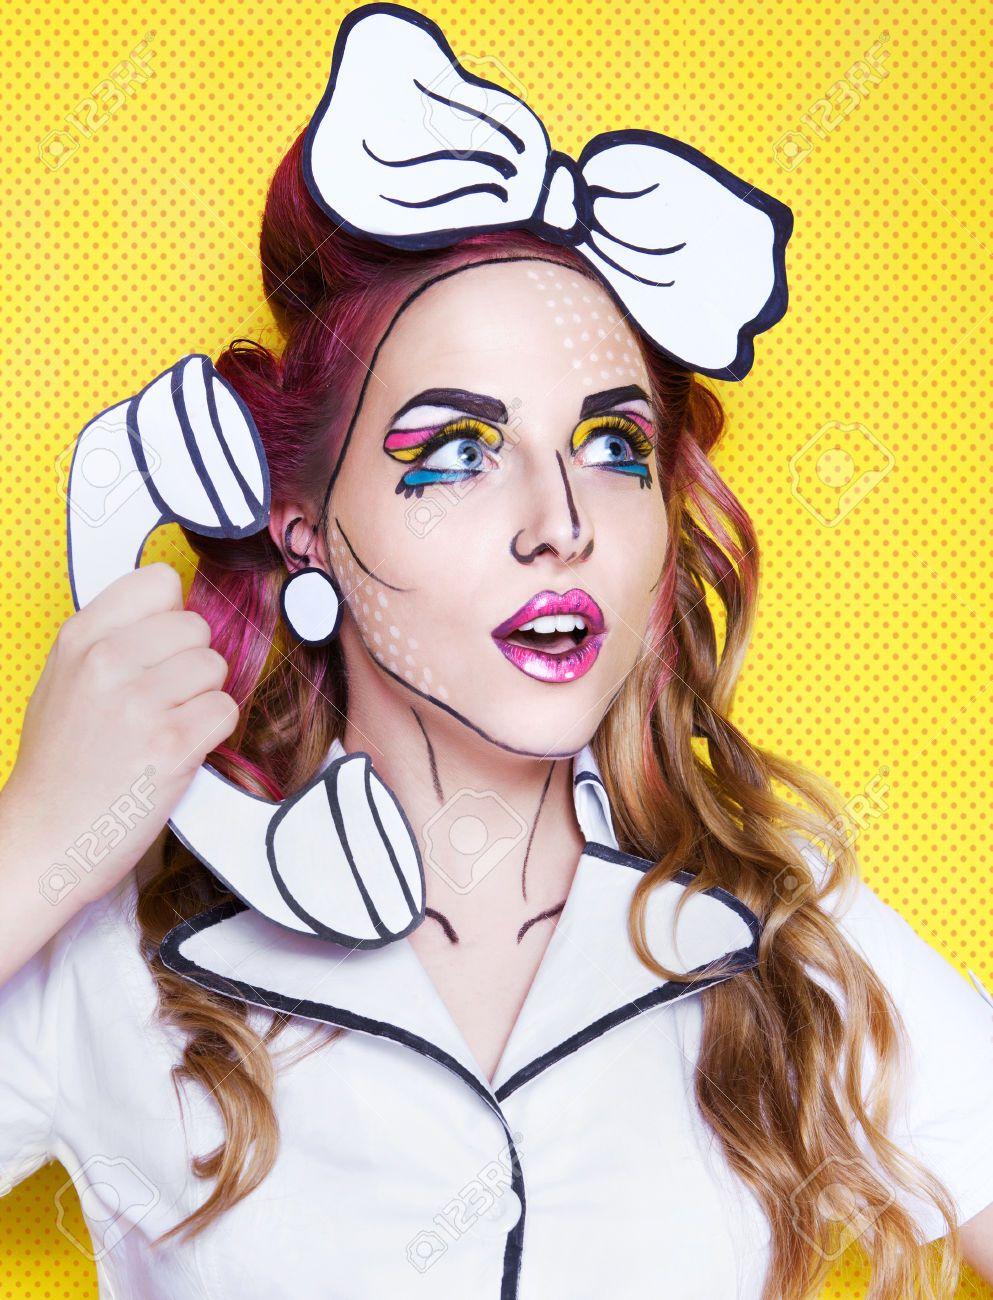 Cartoon Makeup: Woman With Cartoon Pop Art Make Up And Phone